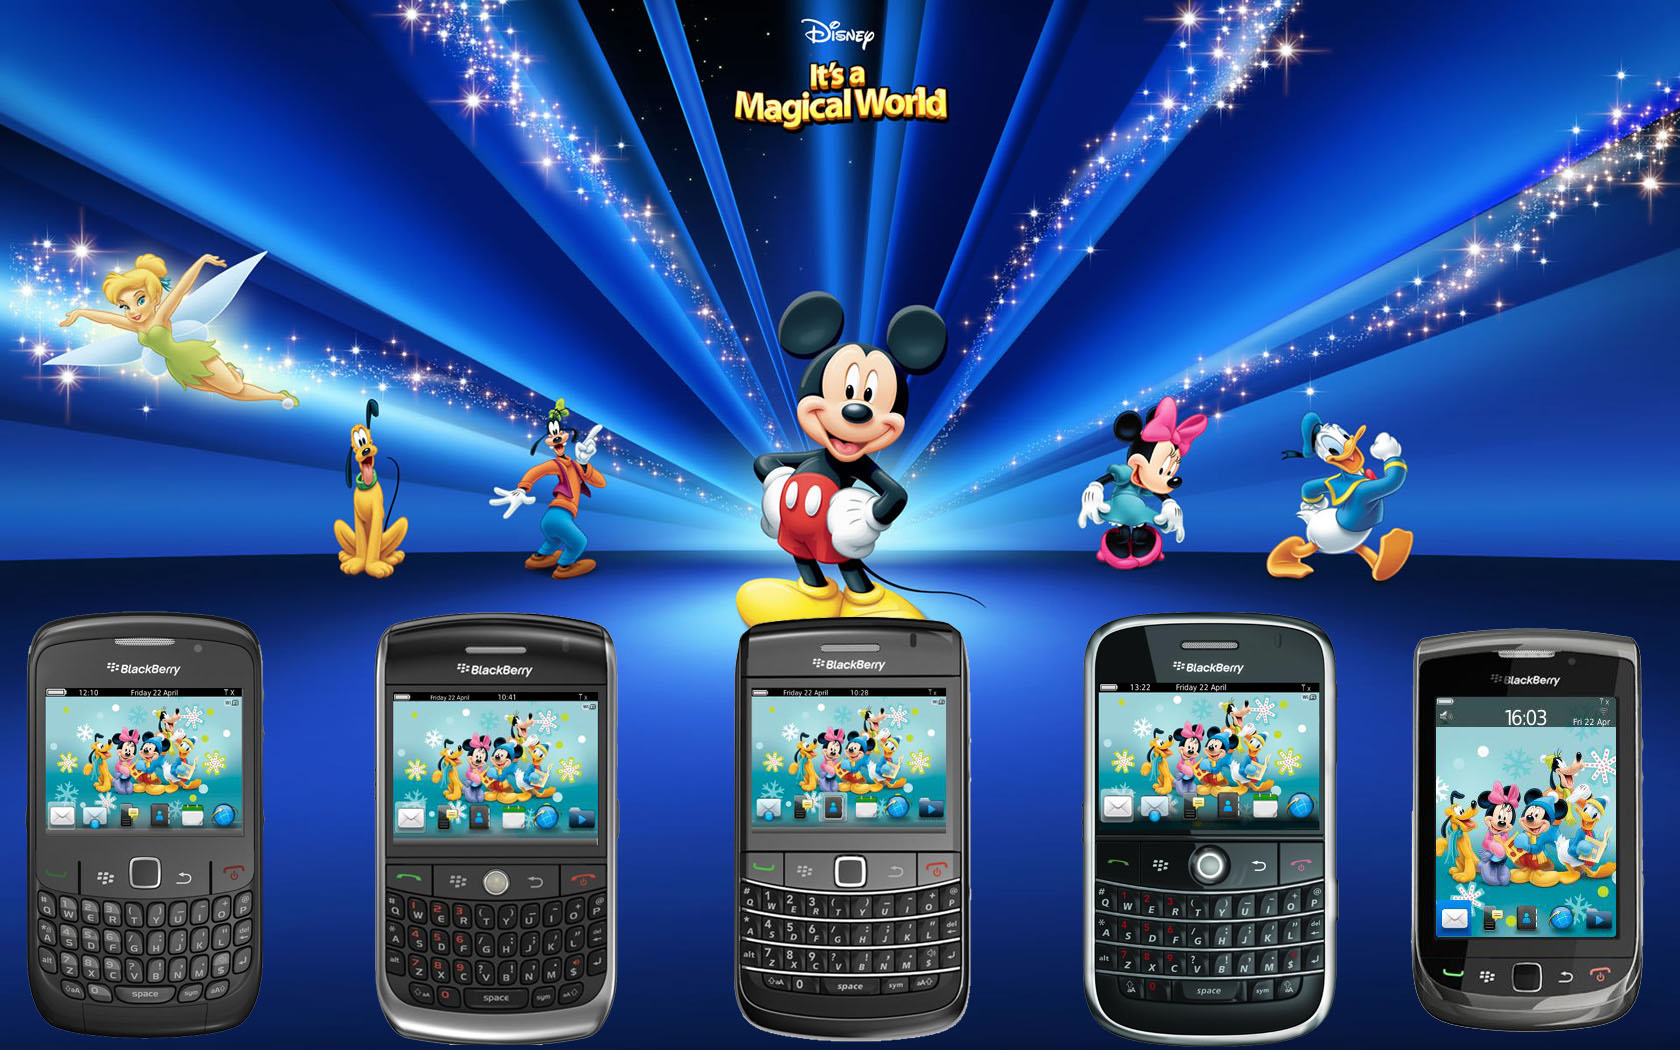 Wallpaper Untuk Blackberry | Bilders